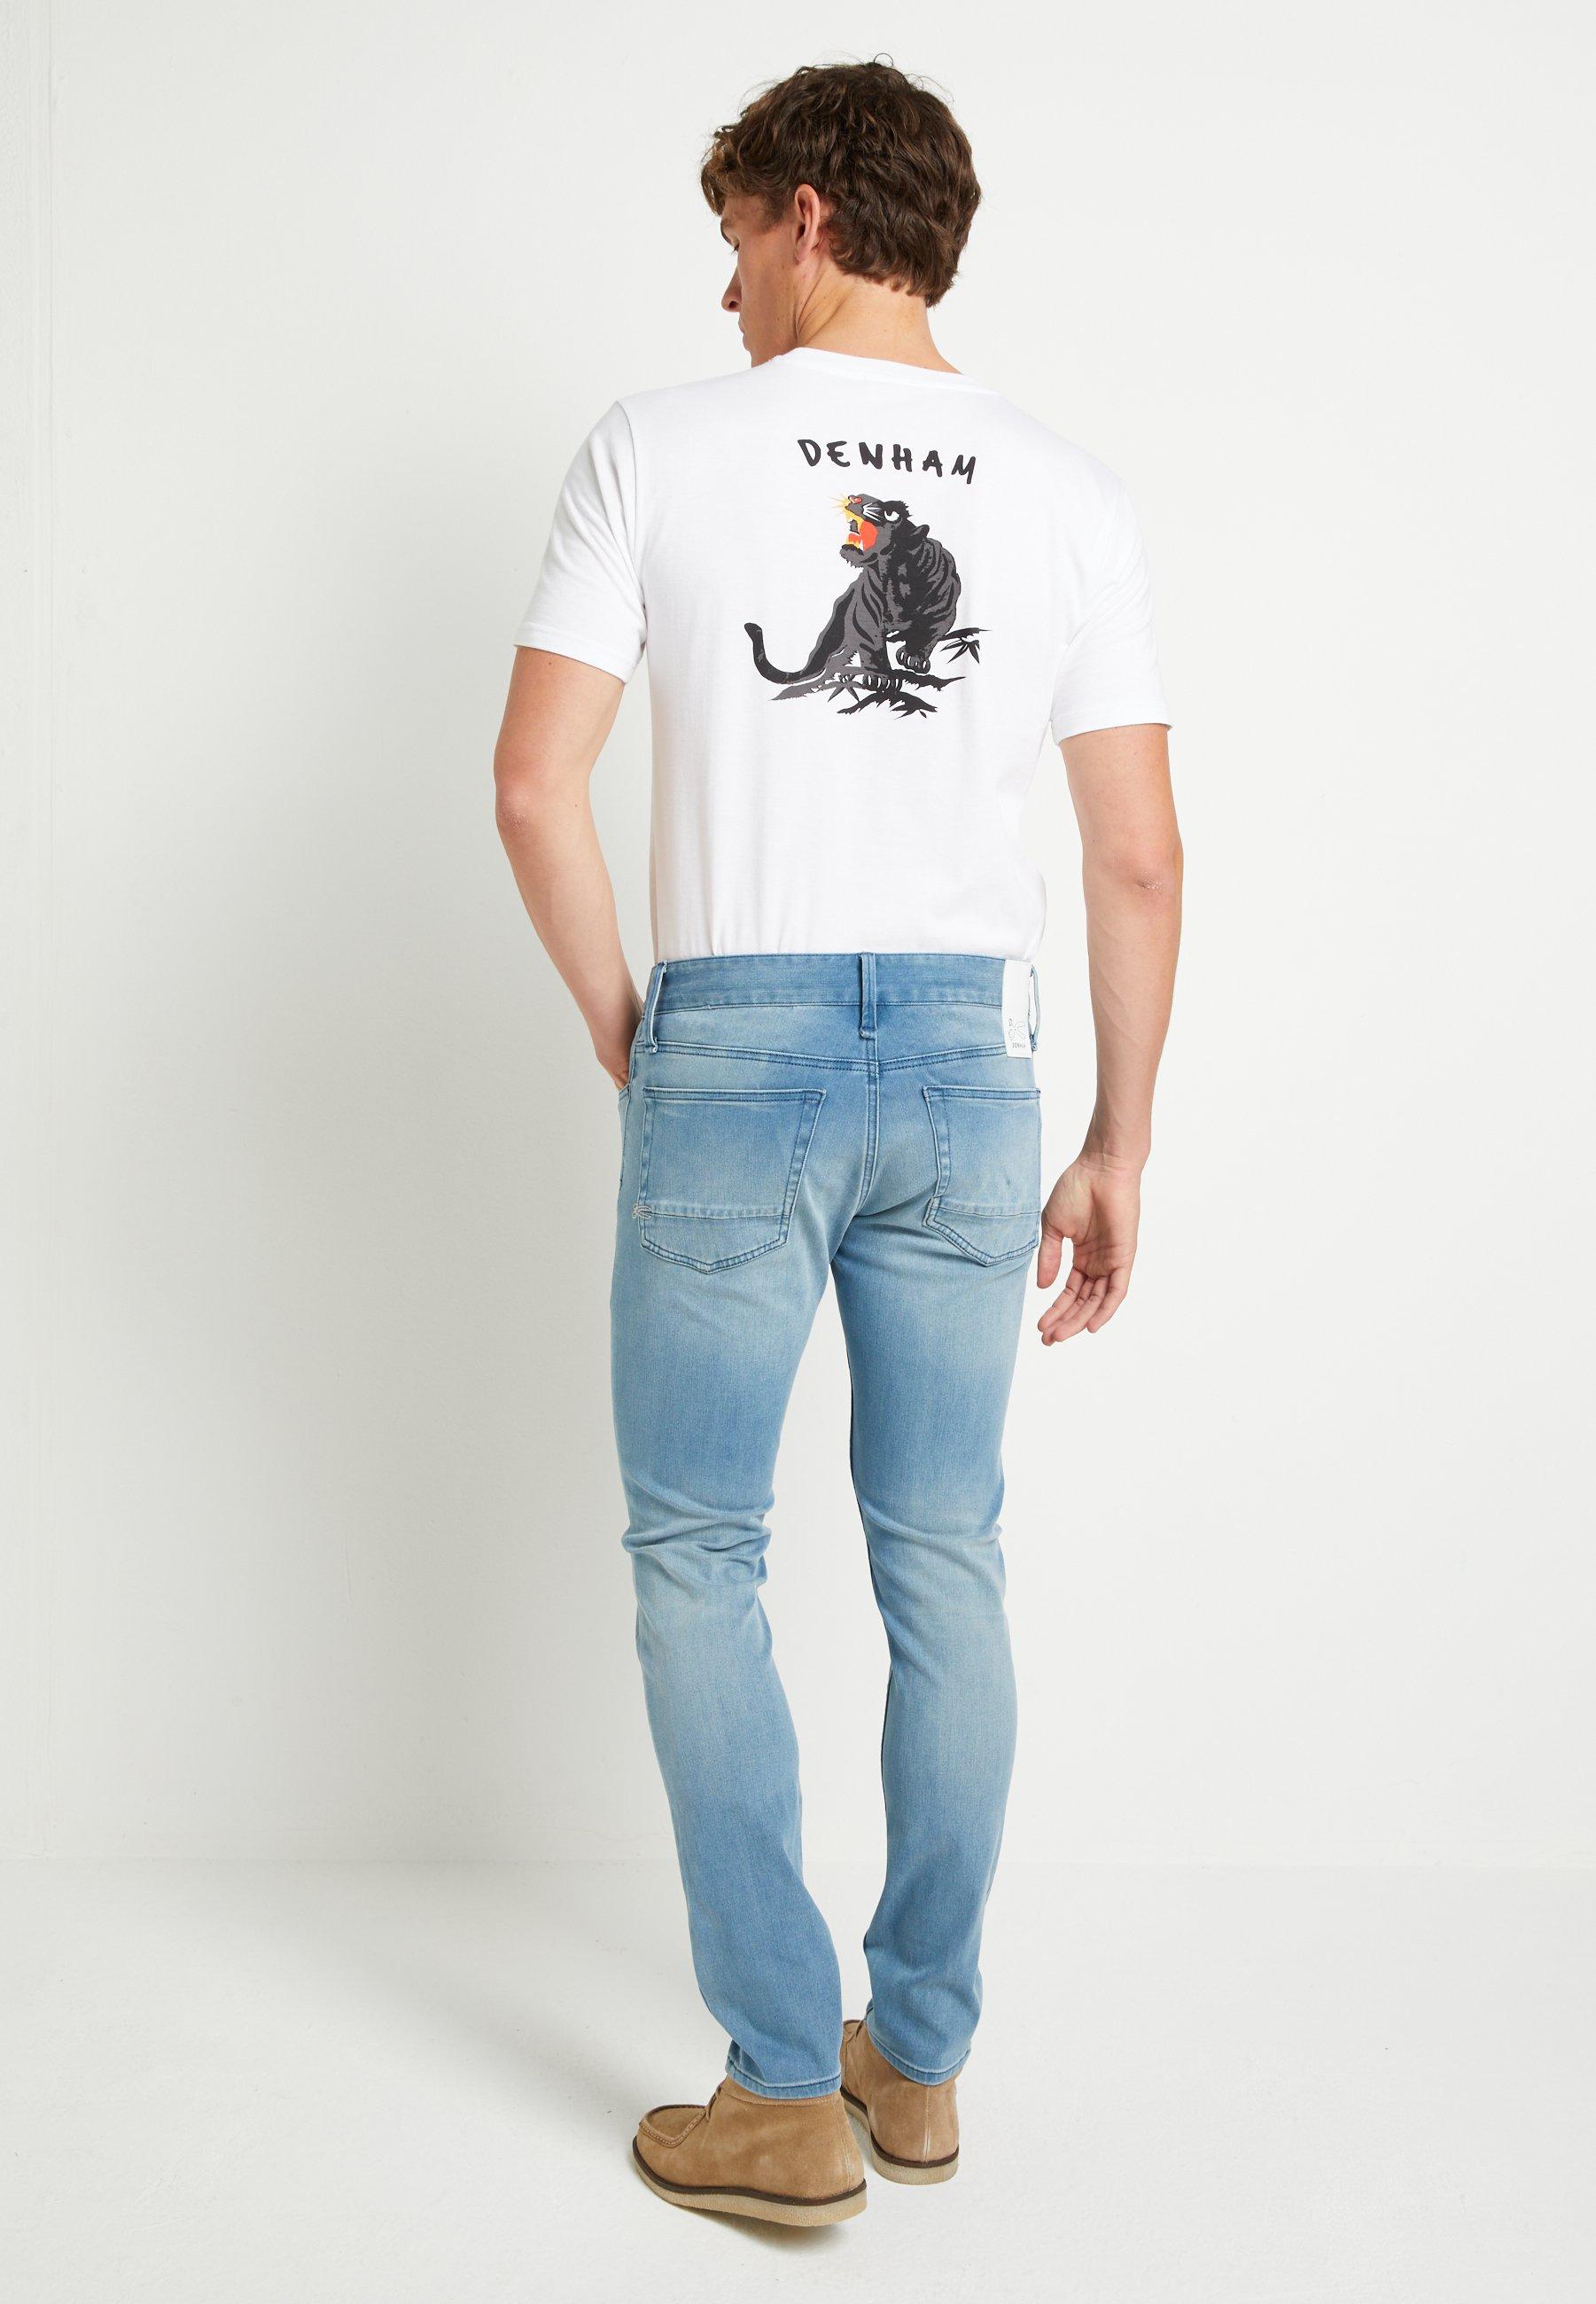 Denham Bolt - Jeans Slim Fit Blue